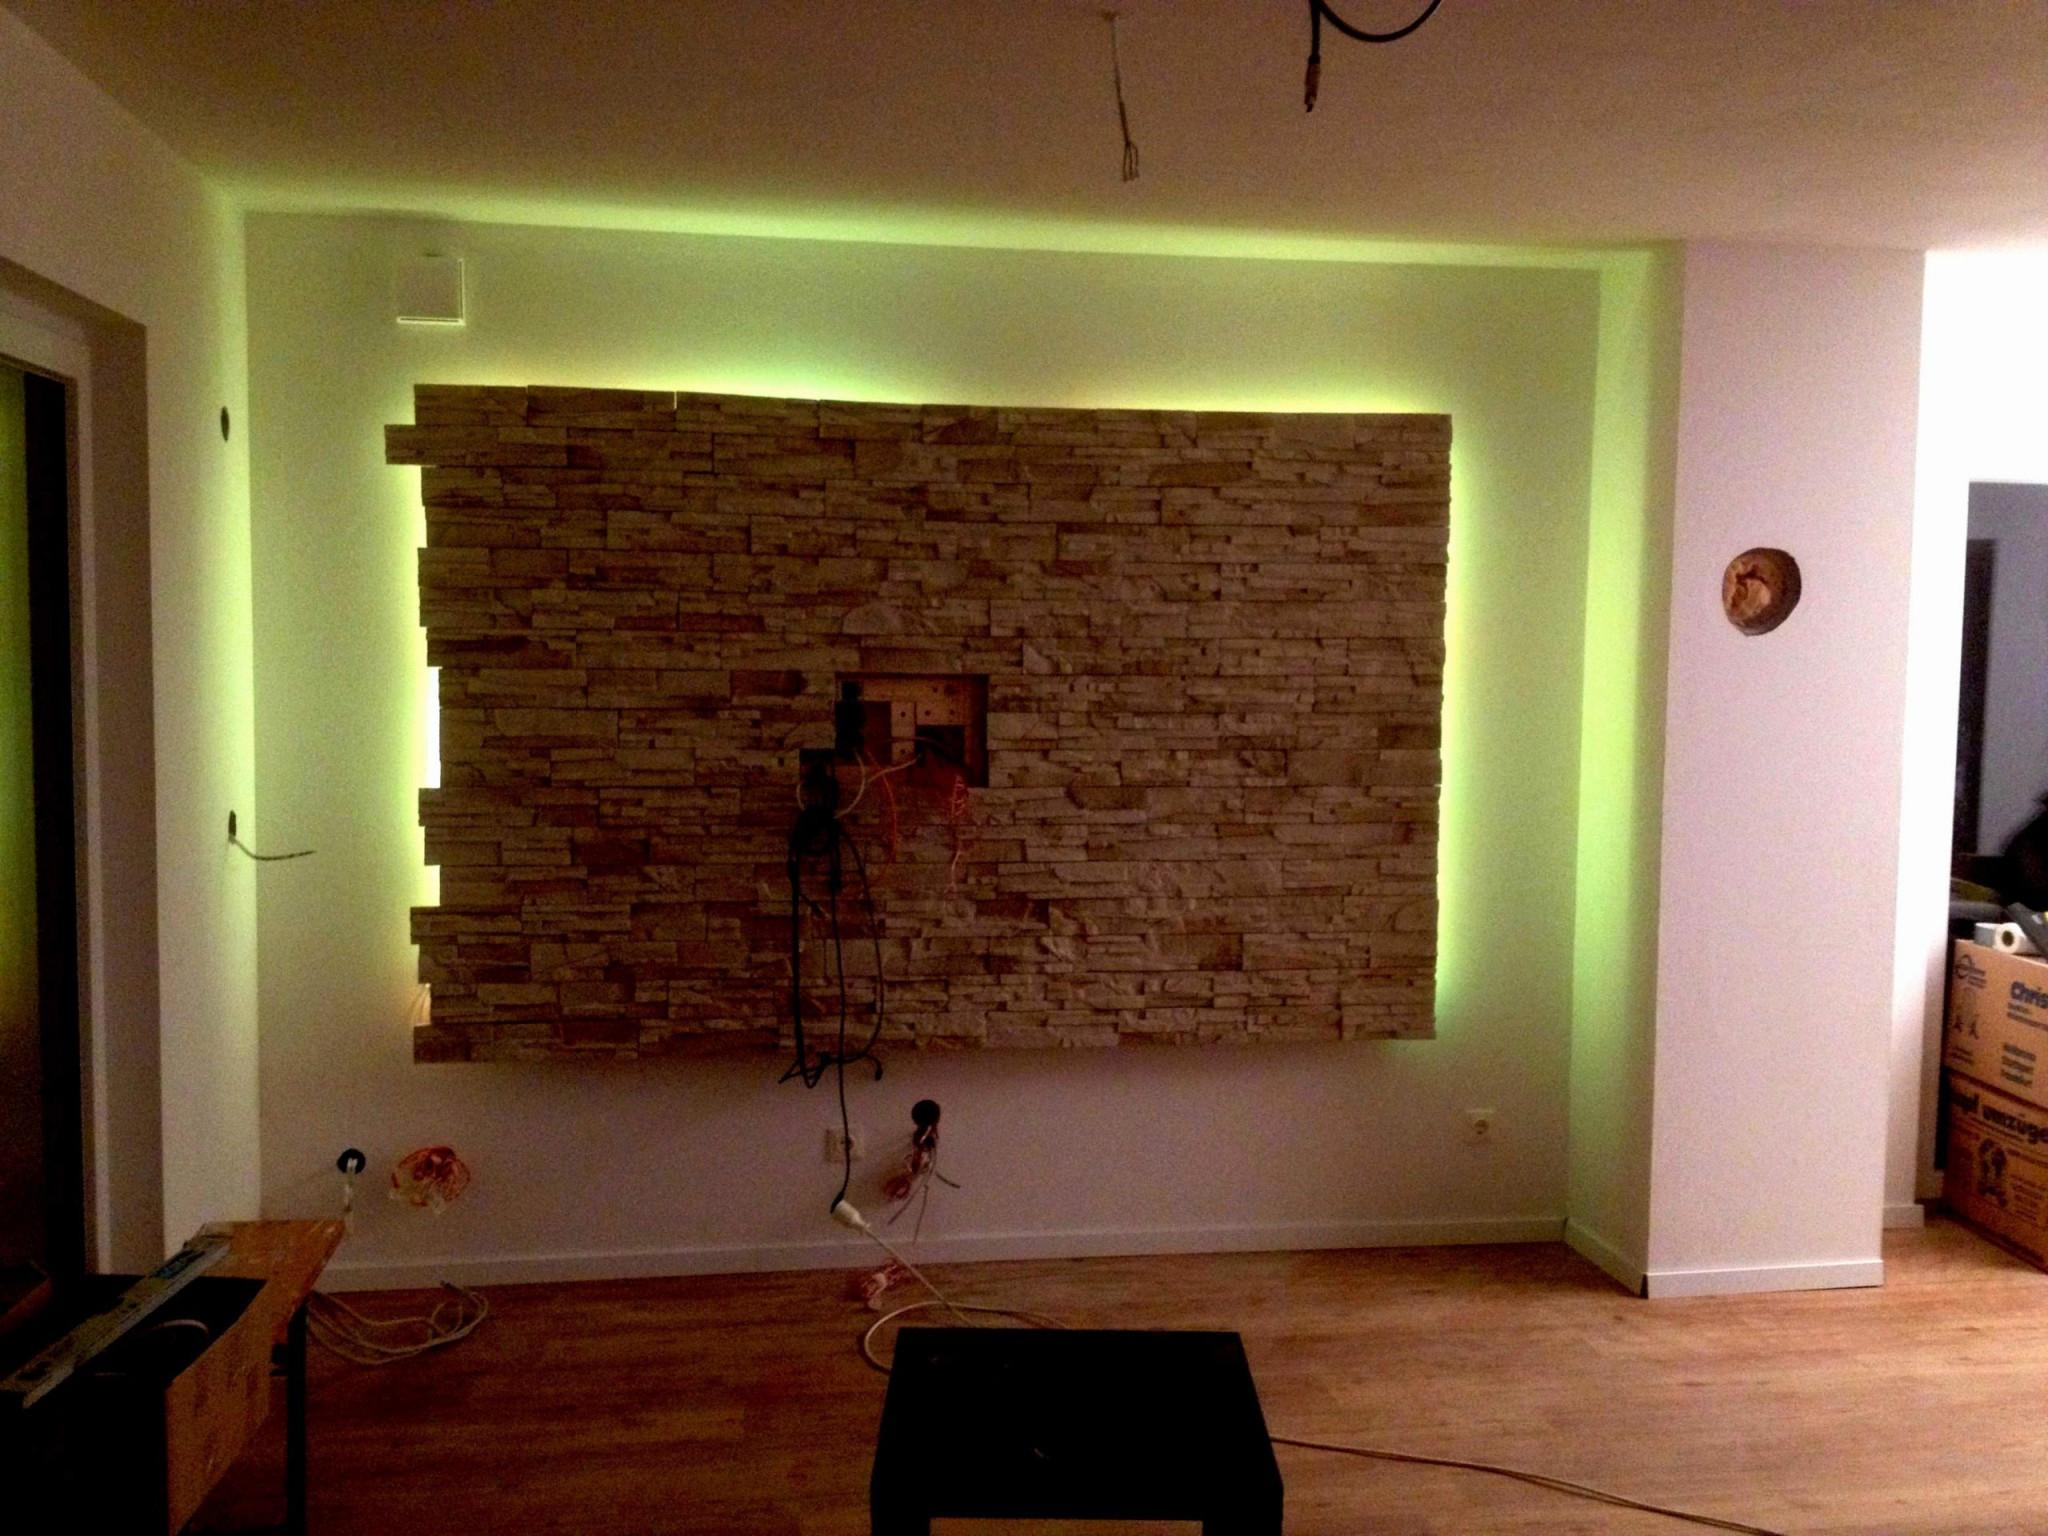 Wand Ideen Wohnzimmer Reizend Neu Wand Streichen Ideen von Wand Ideen Wohnzimmer Bild